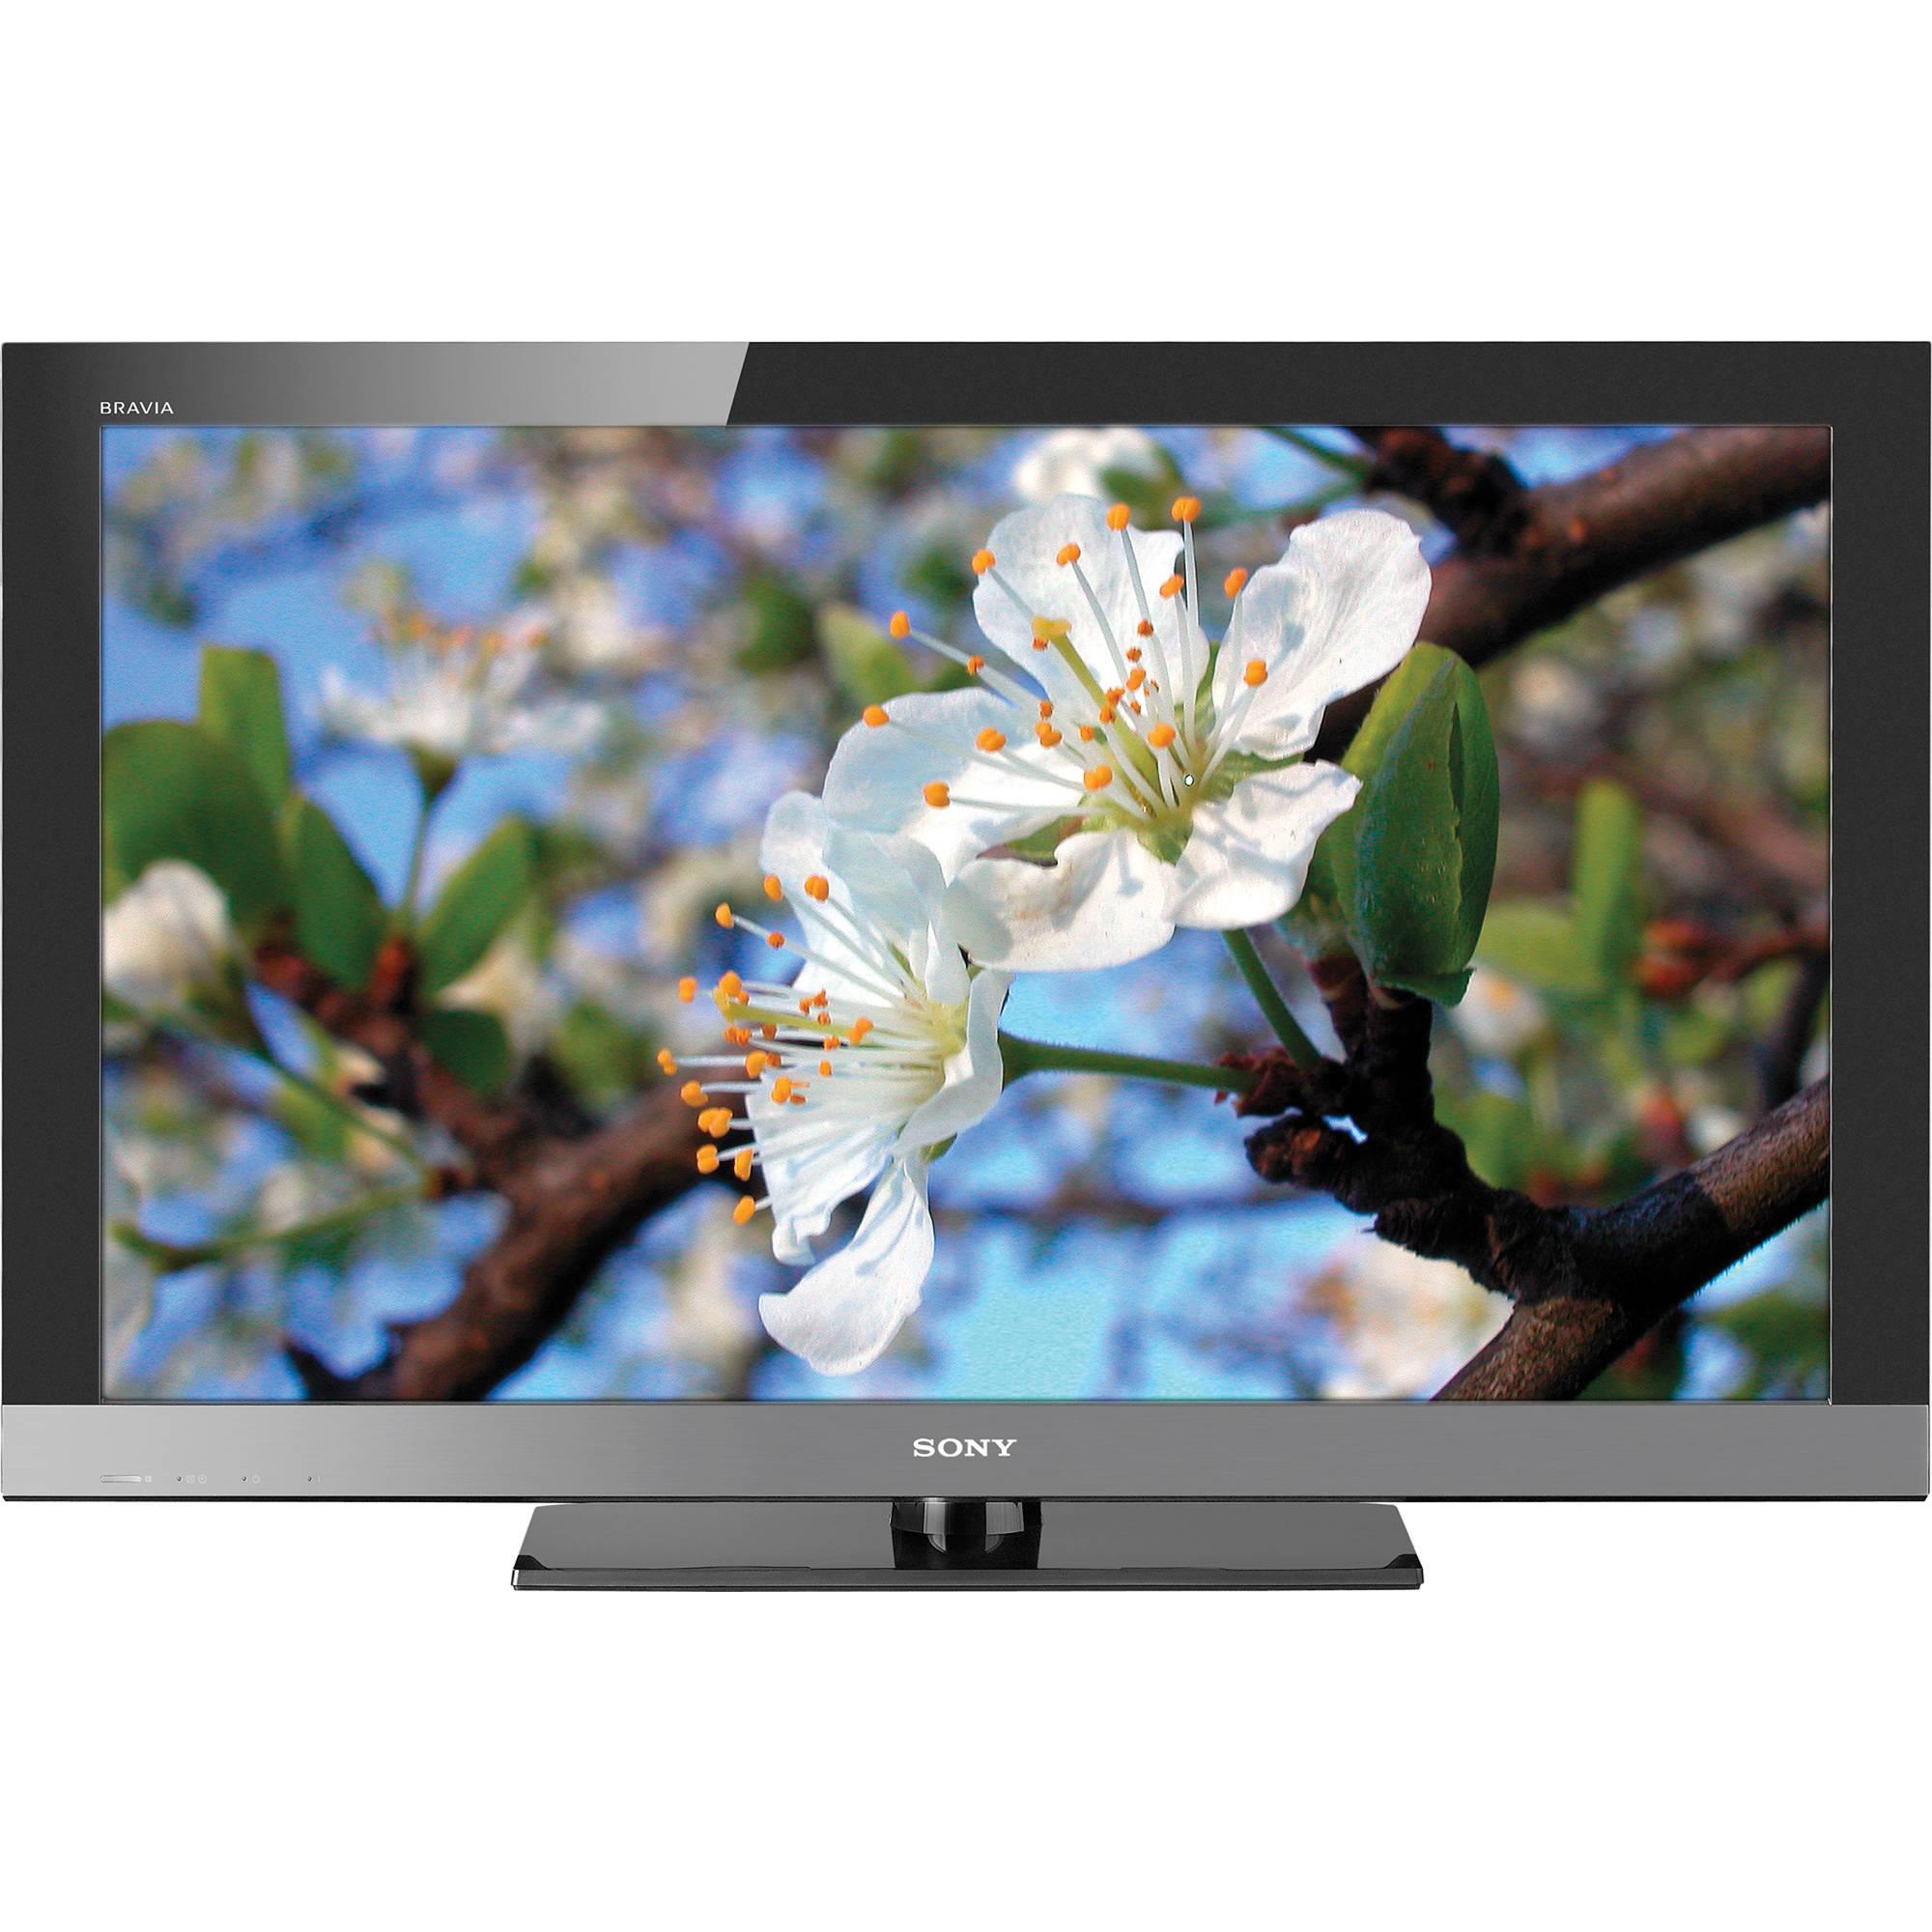 Sony KDL-46EX700 BRAVIA HDTV 64Bit